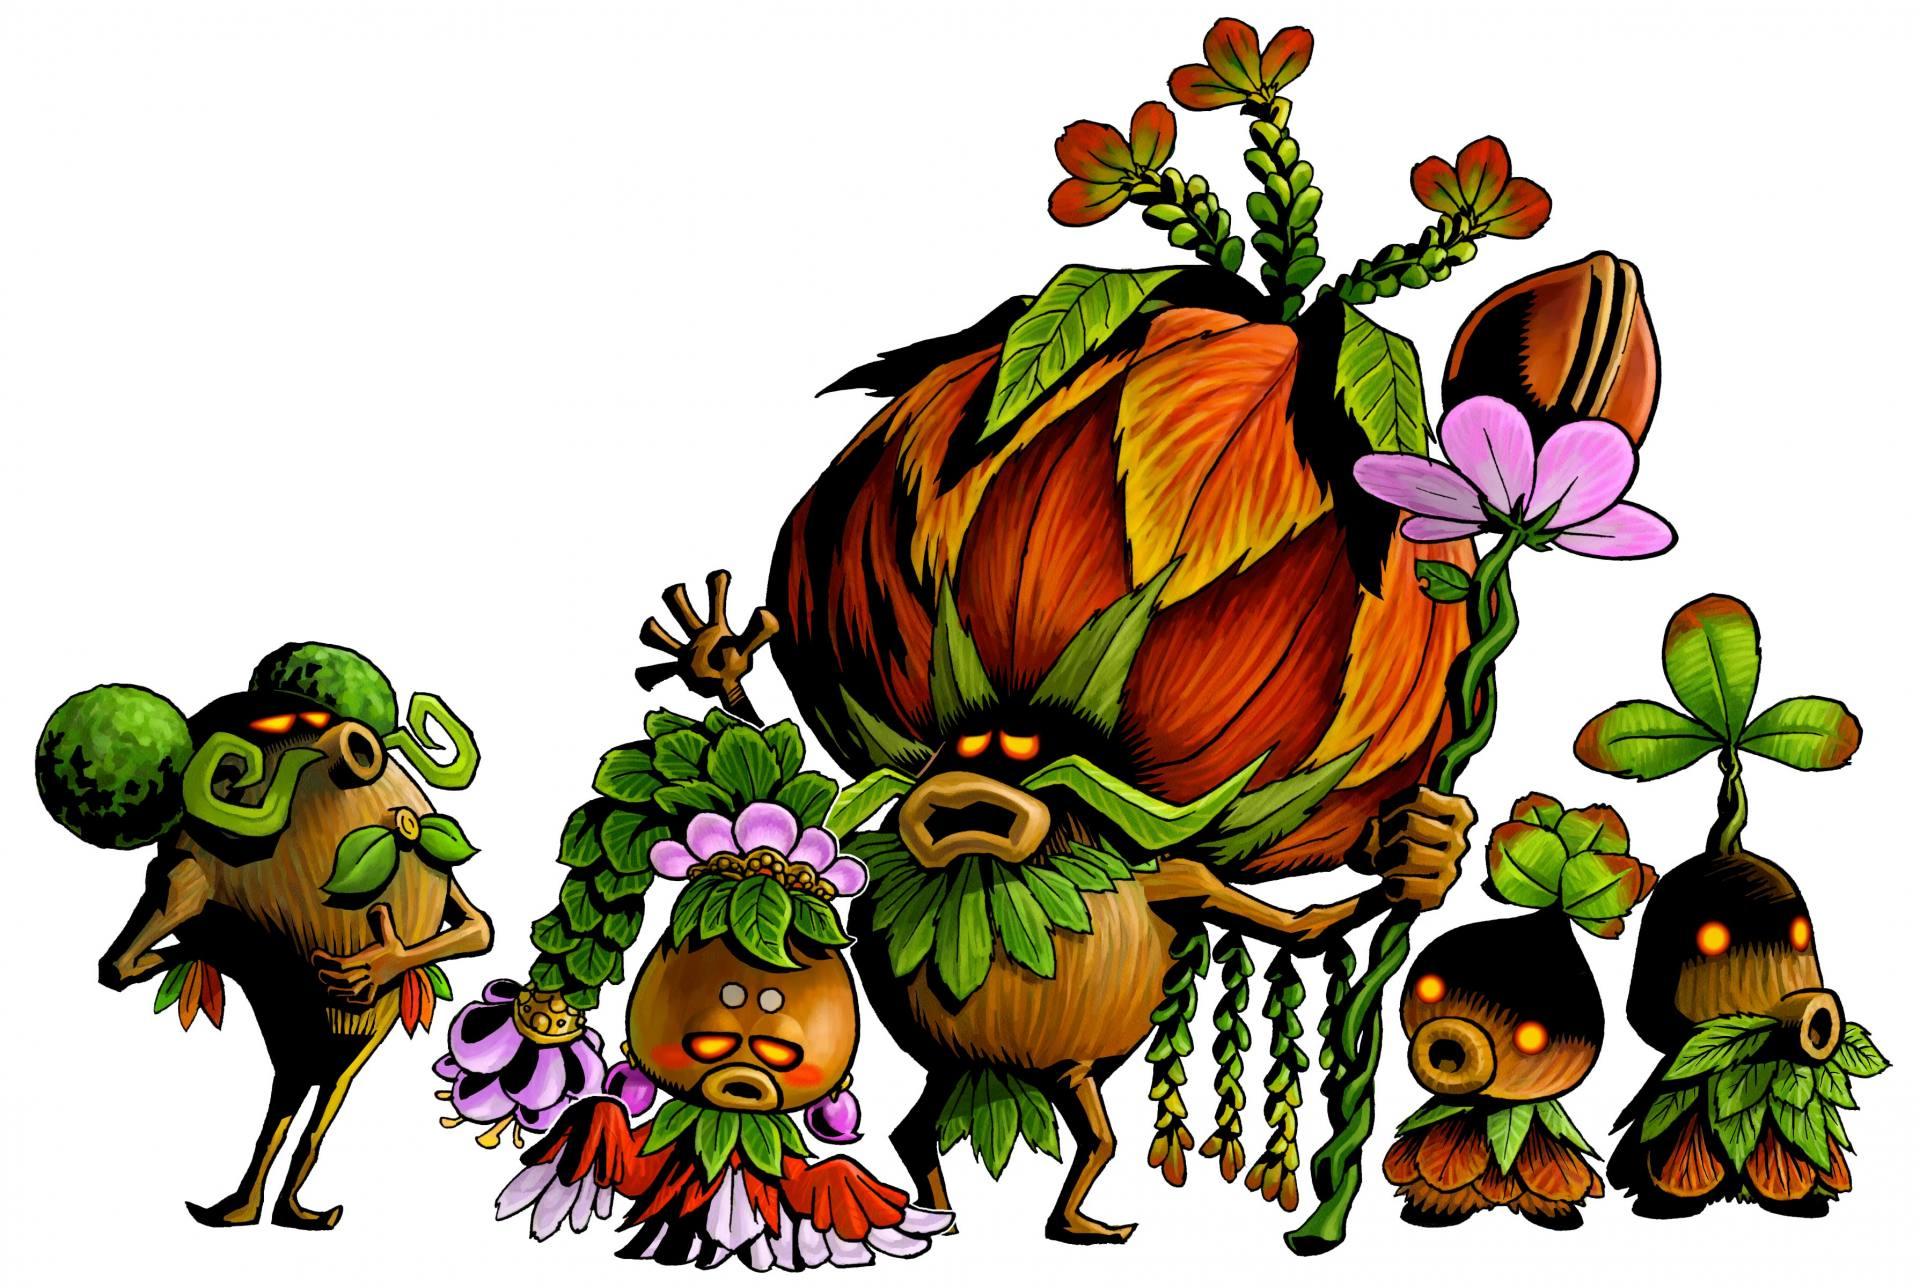 The Legend of Zelda Majora's Mask 3D 14-01-15 019